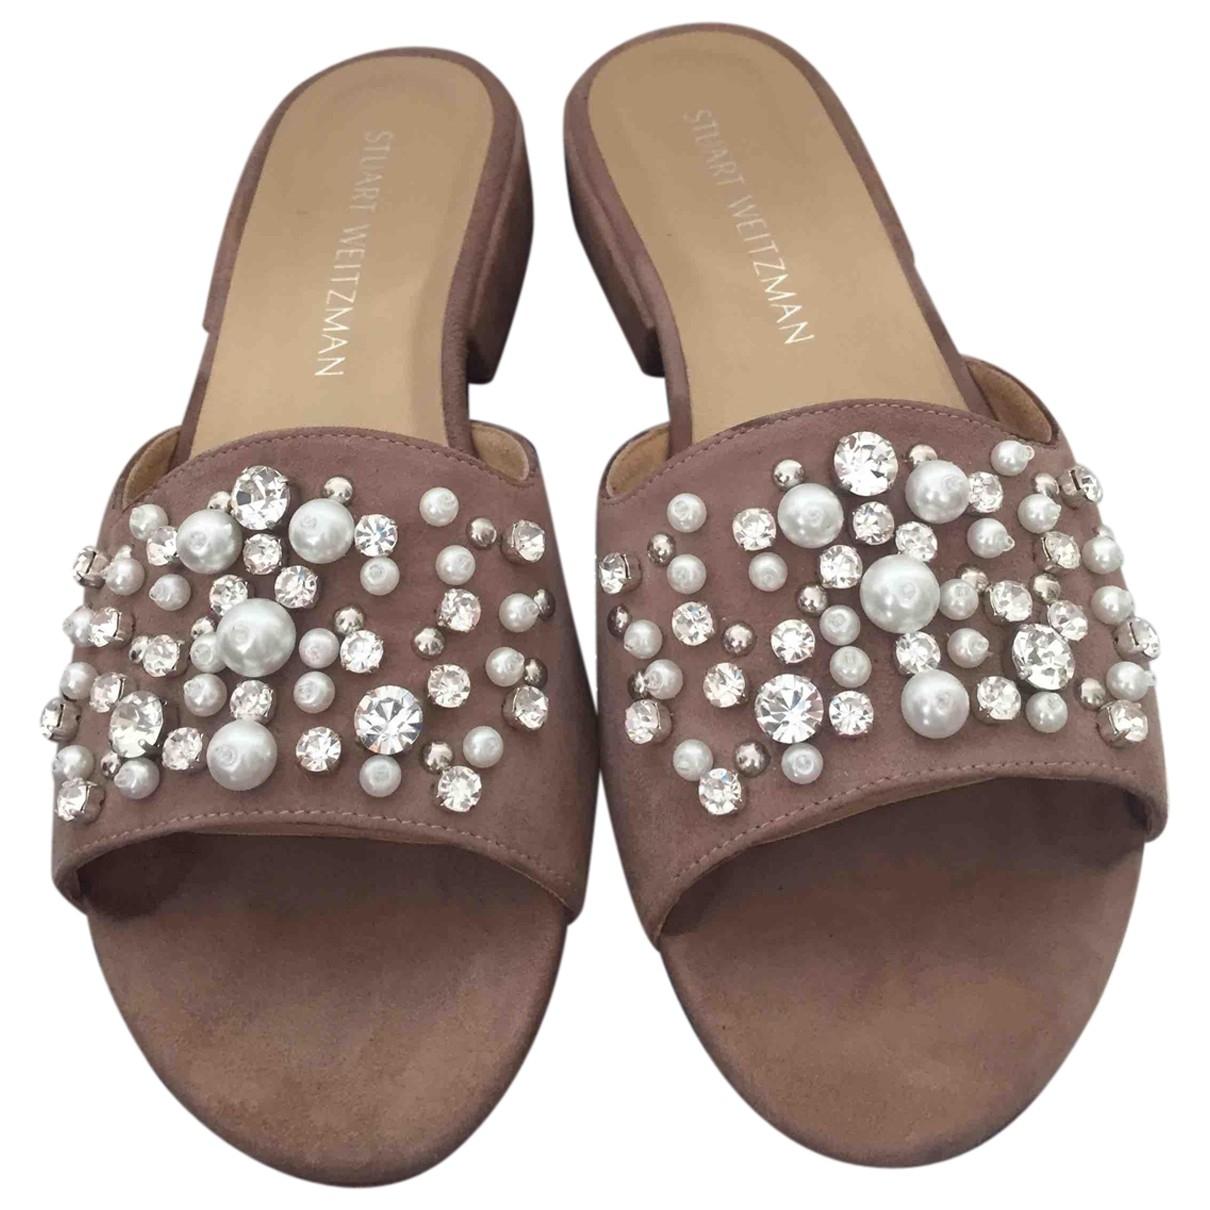 Stuart Weitzman \N Beige Suede Sandals for Women 38.5 EU